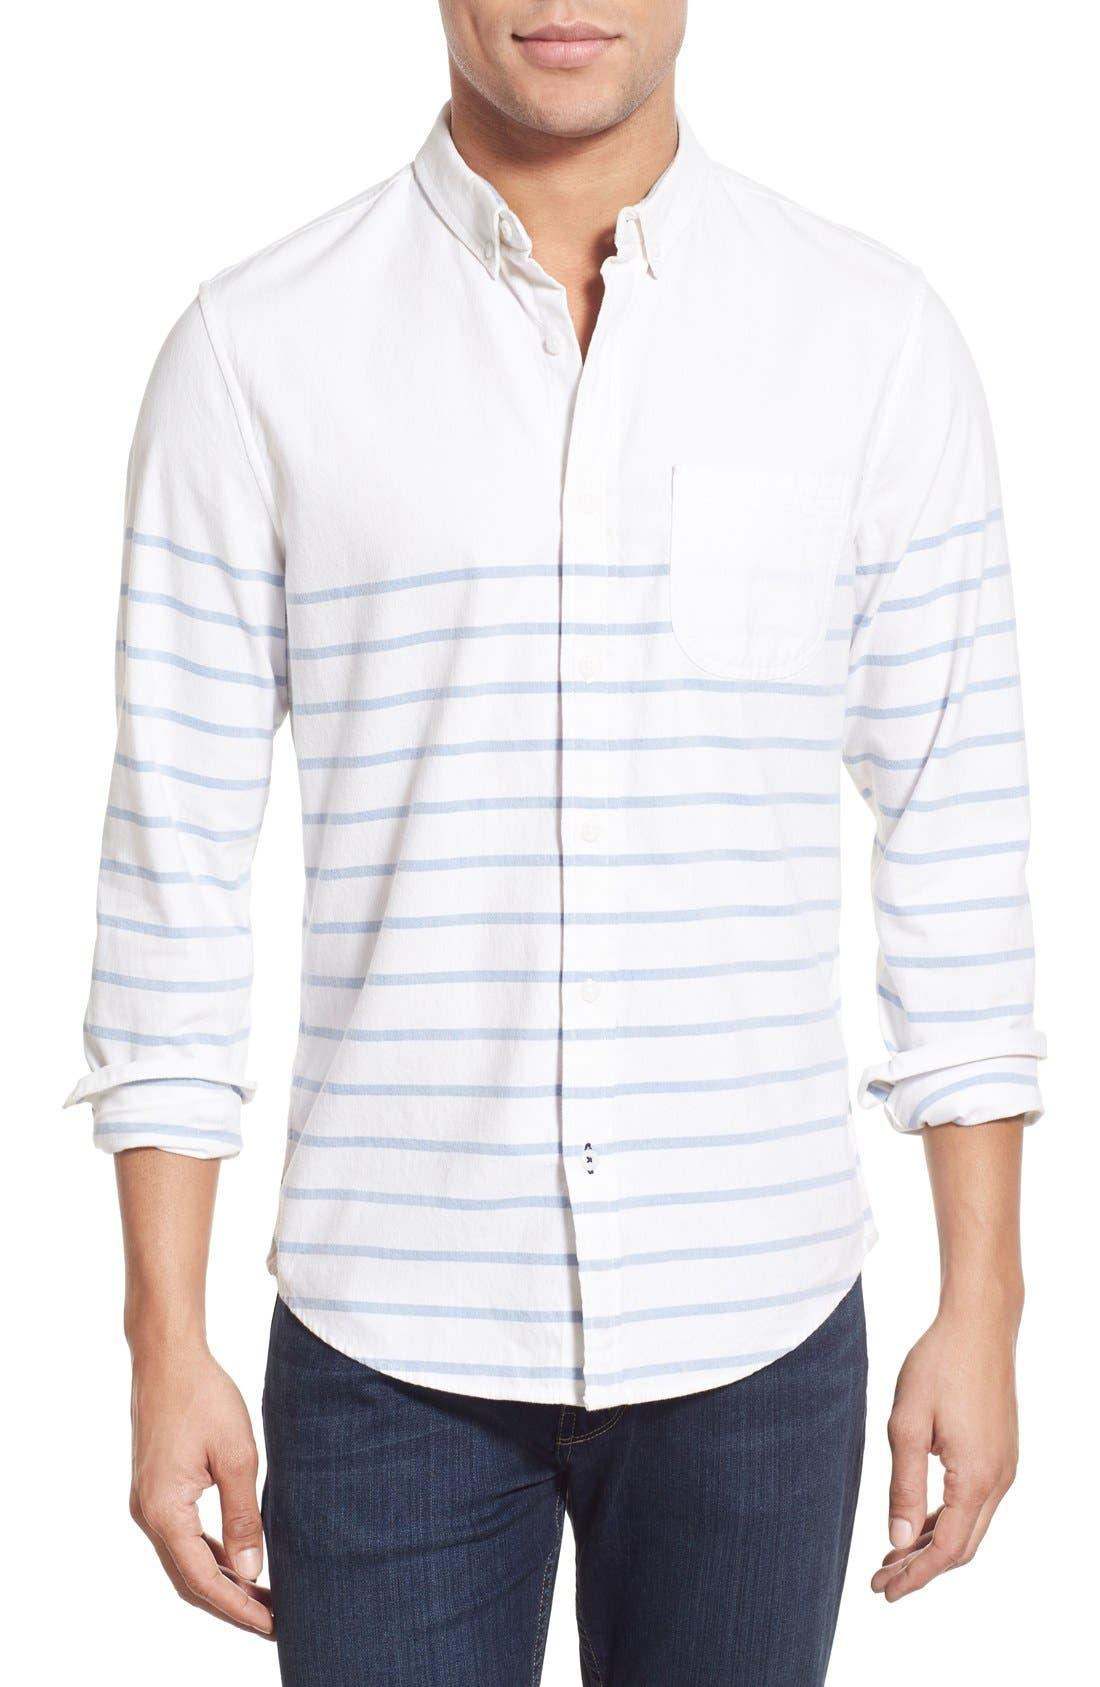 Main Image - 1901 'La Conner' Trim Fit Stripe Print Woven Shirt